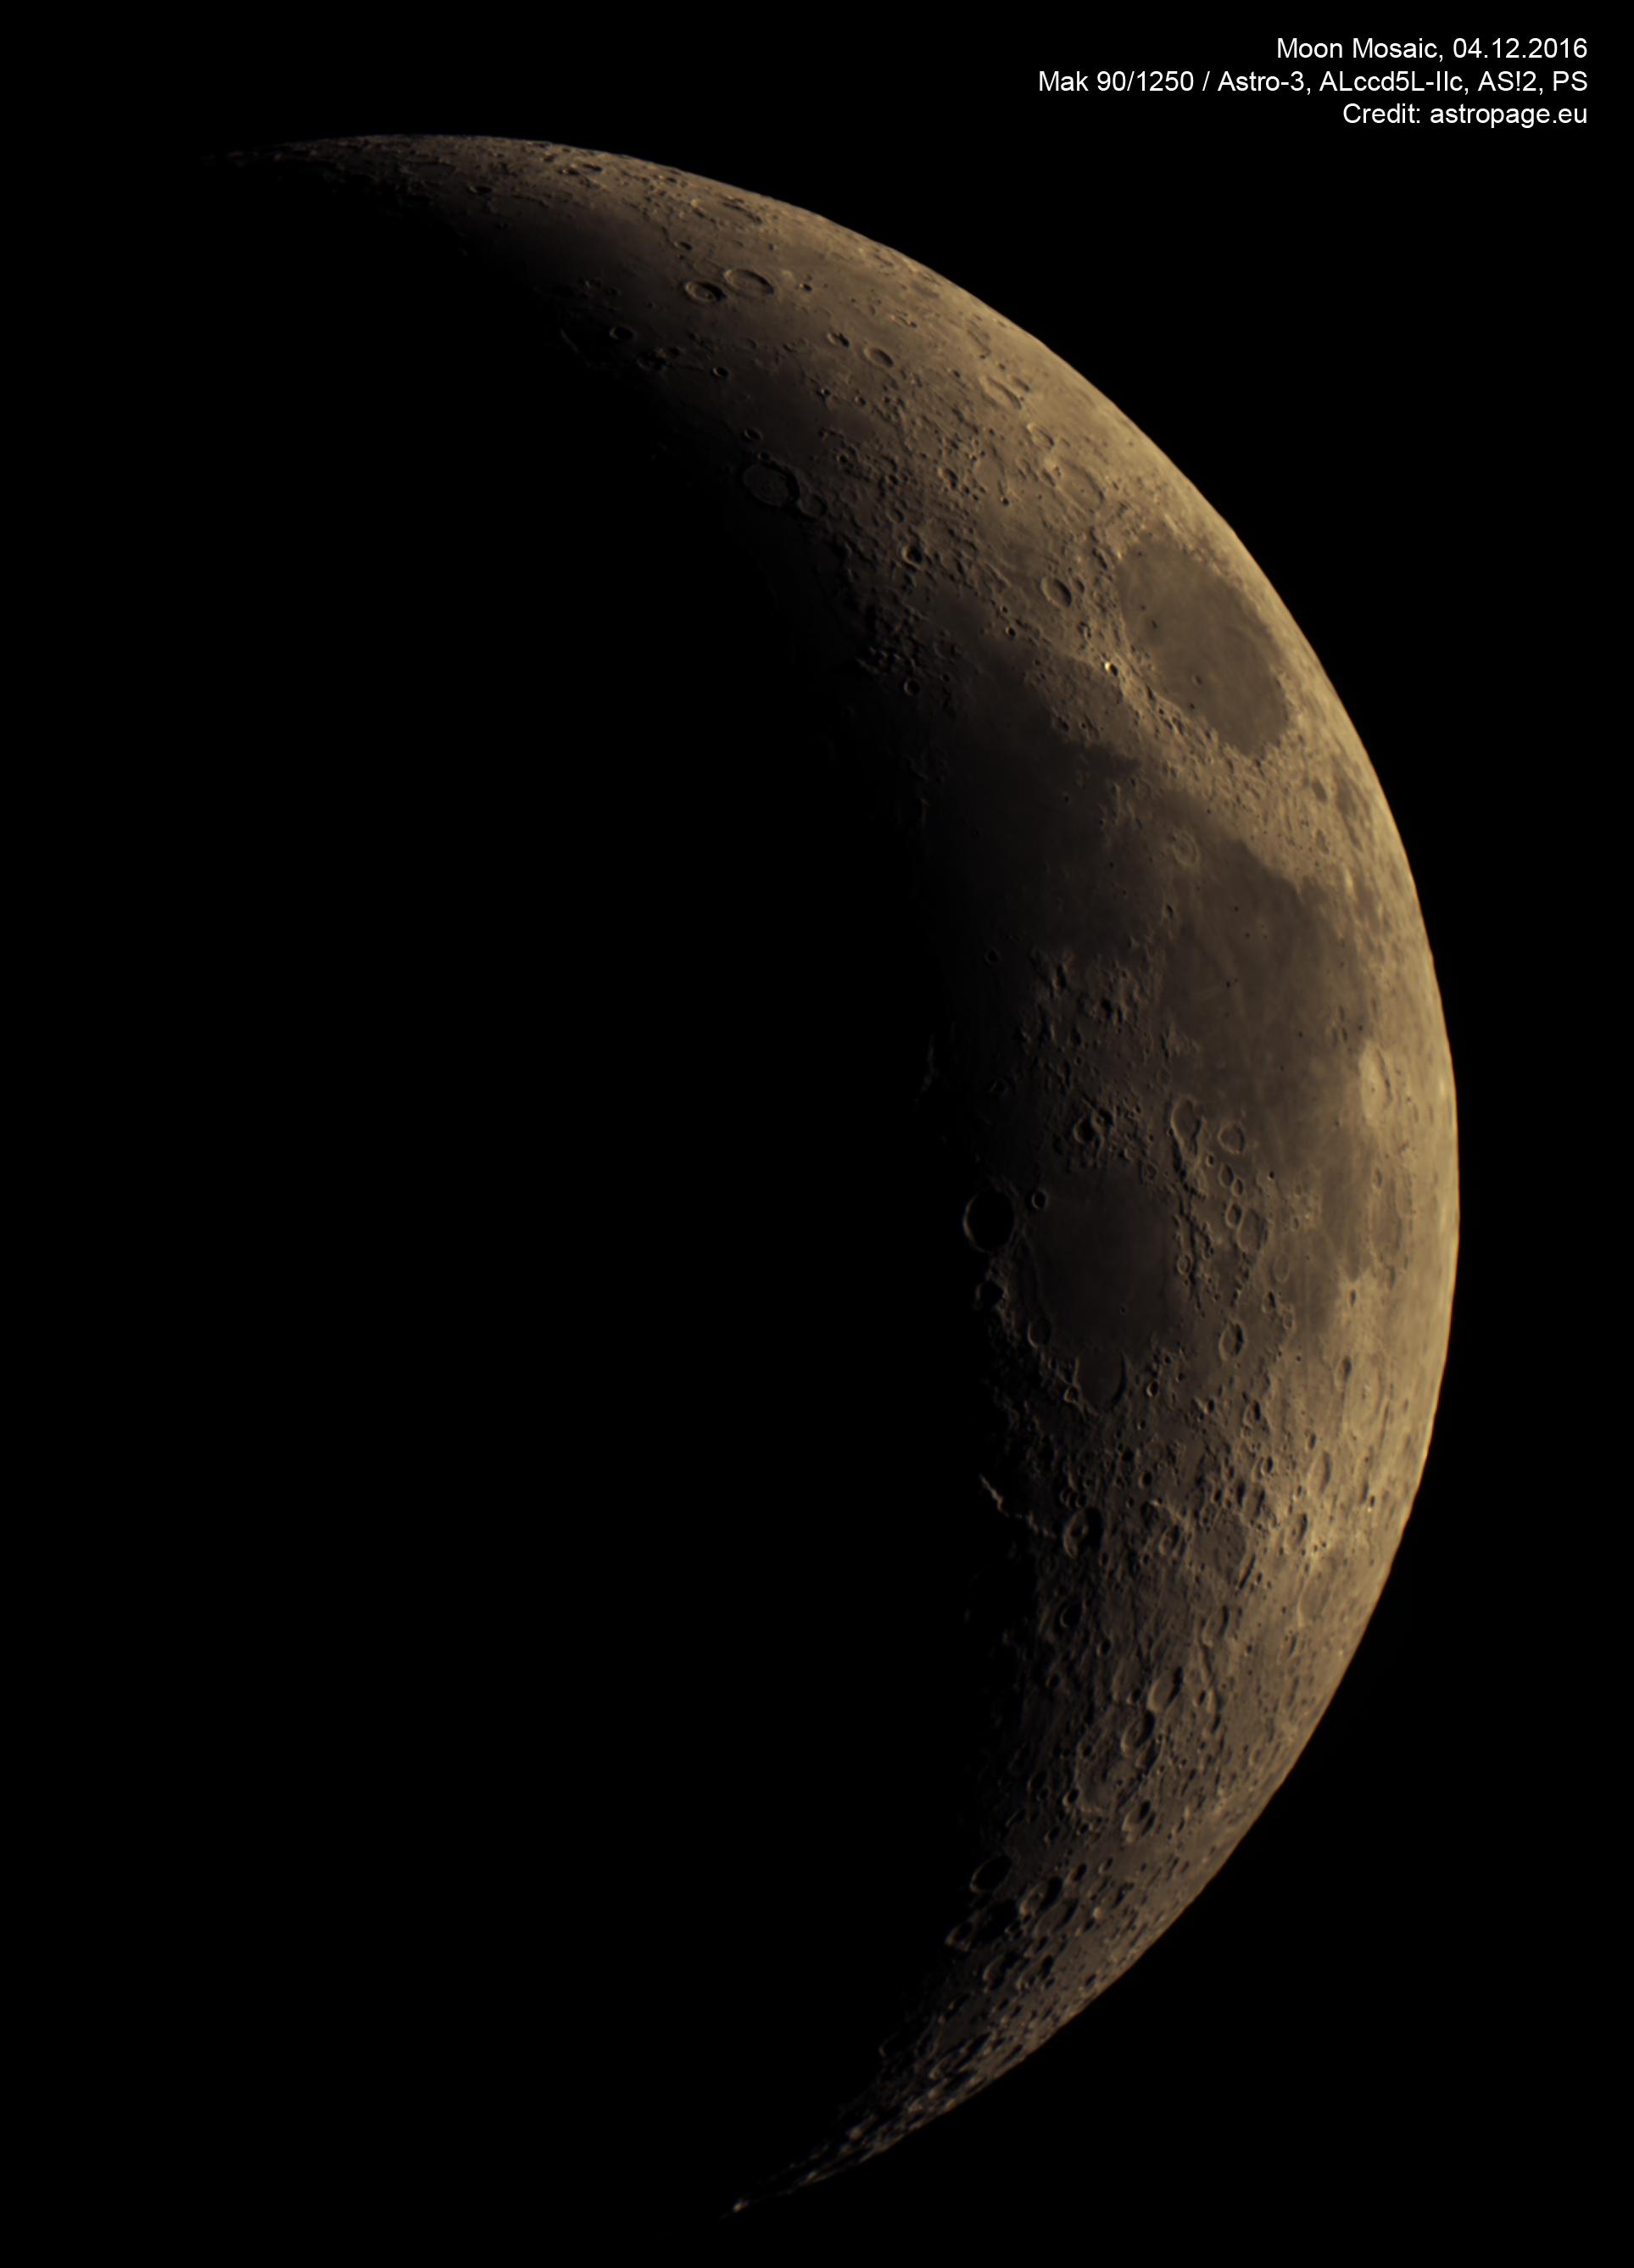 Mond-Mosaik vom 04.12.2016. (astropage.eu)